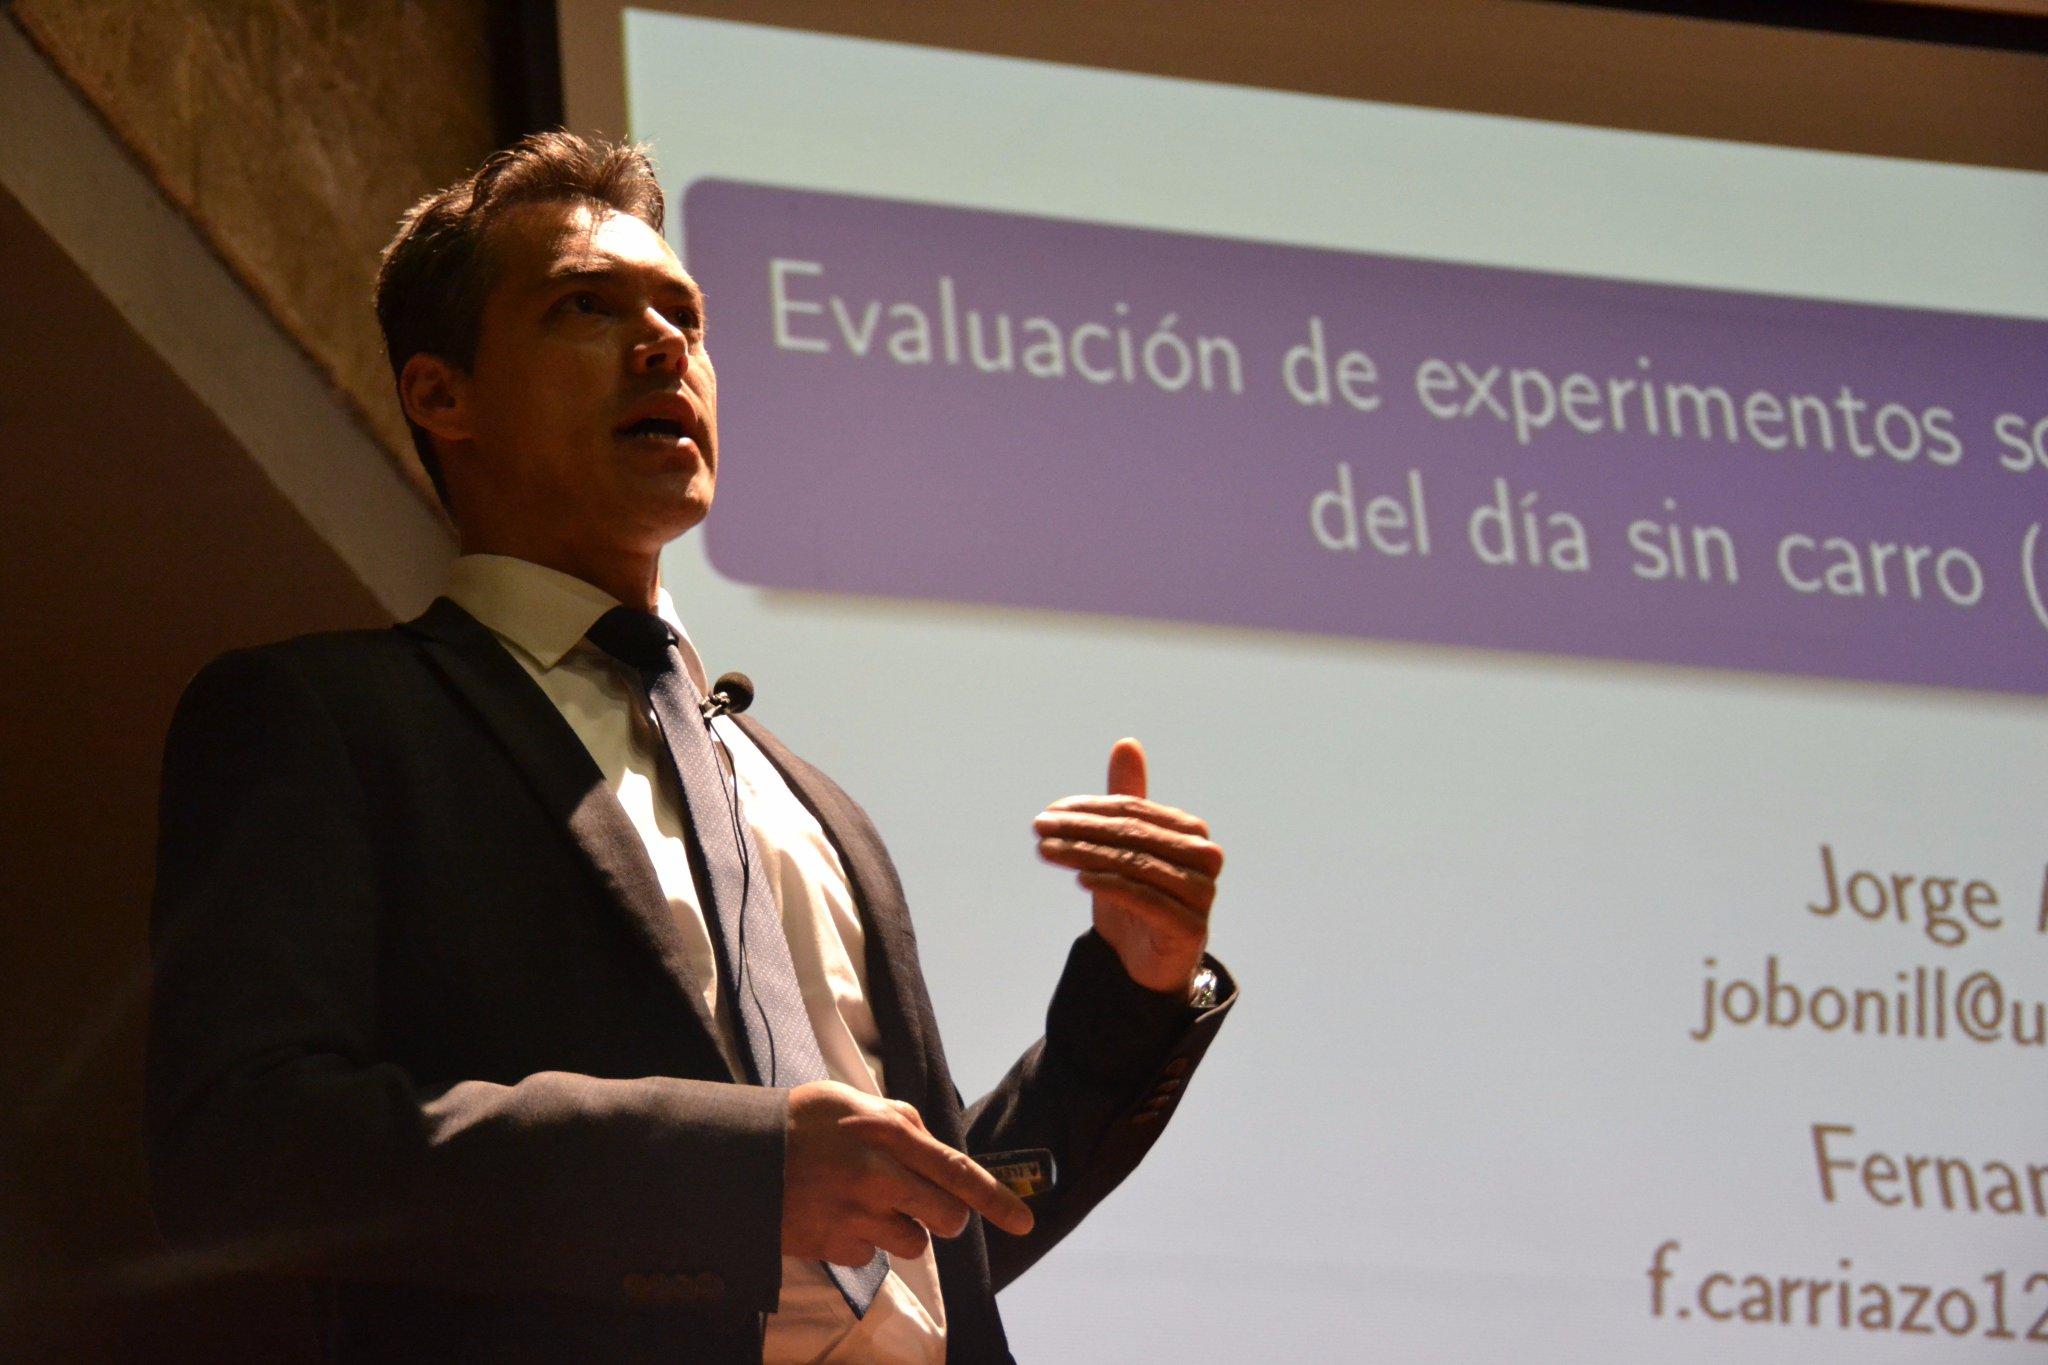 Inicia su intervención Jorge Bonilla, profesor de @EconomiaUAndes Simposio #CrecimientoVerde #EnVivo: https://t.co/kMvlsVZiTq https://t.co/zlOE8AOso3